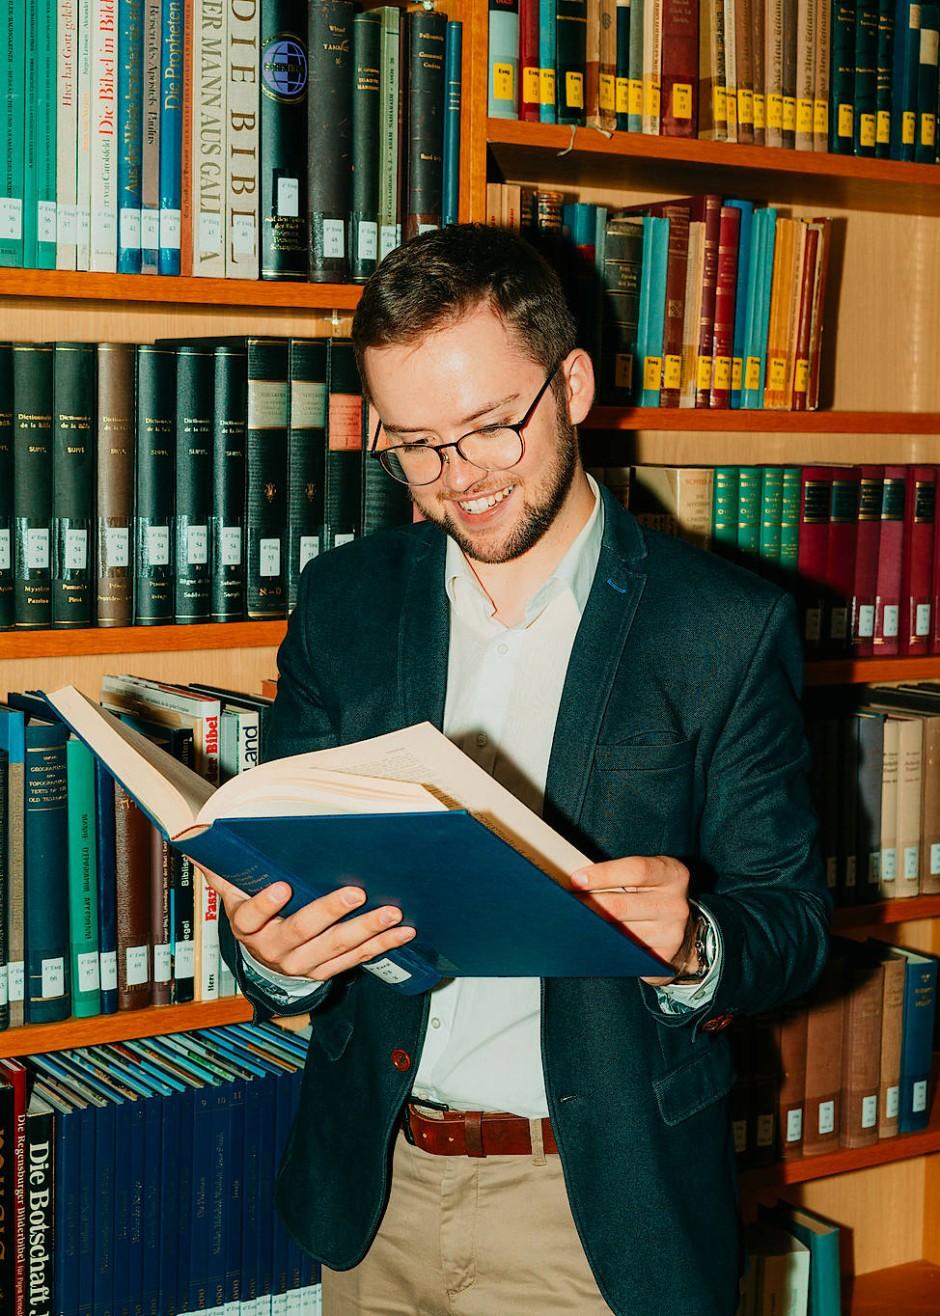 Leonard Skorczyk, 25 Jahre, ist Student der Theologie und lässt sich in Regensburg zum Priester ausbilden.